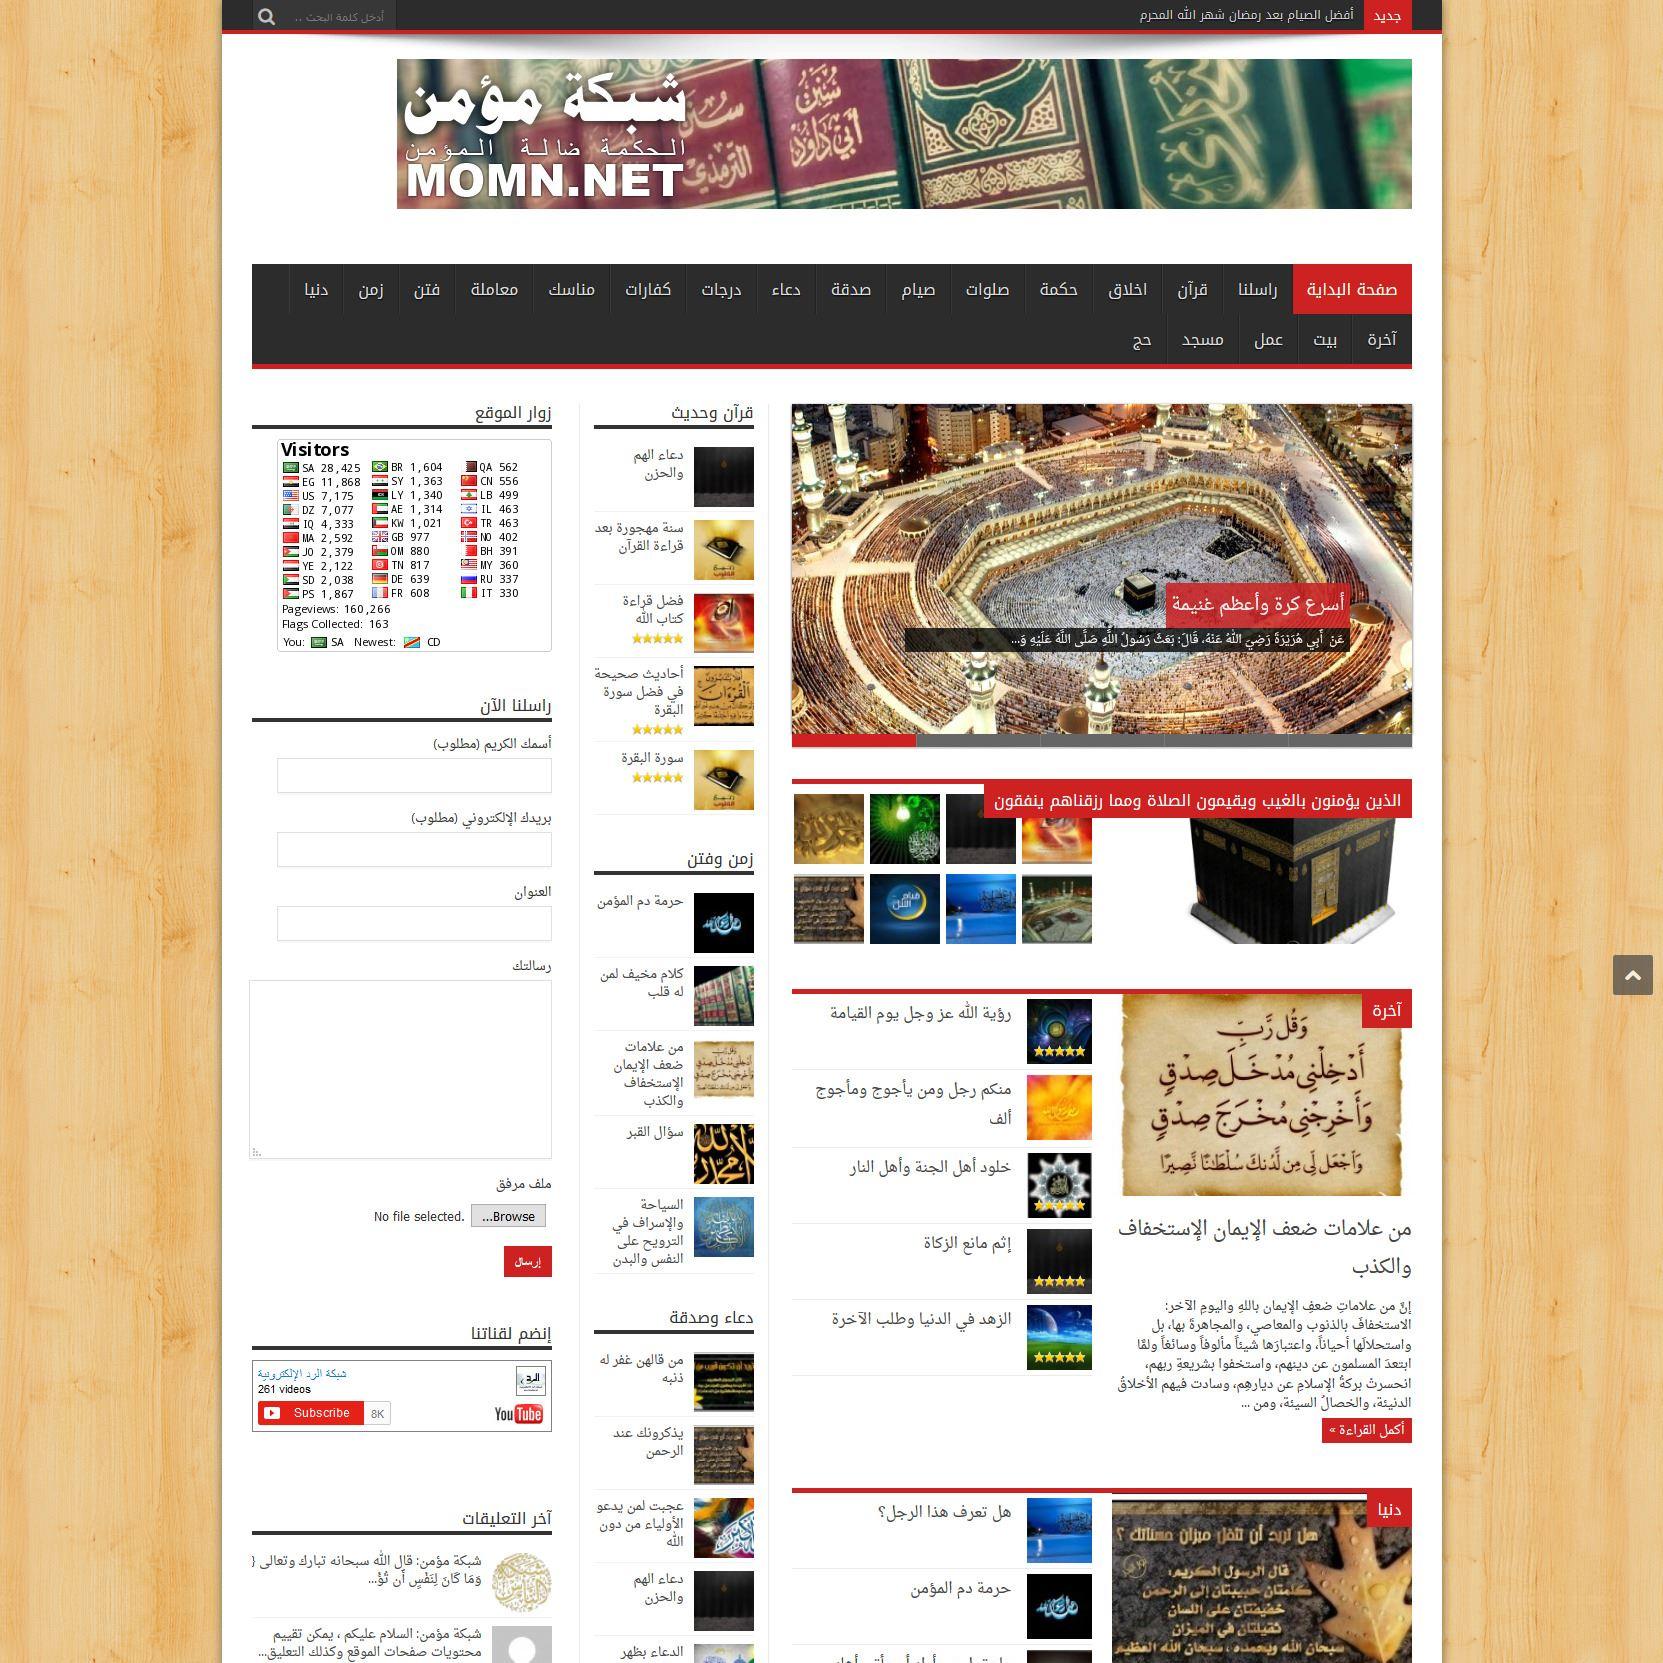 نموذج تصميم موقع نشر مقالات صحيفة شبكة مؤمن نت ، دومين استضافة تصميم مواقع برنامج نشر صحفي تصميم مواقع استضافة مواقع موقع مجلة نشر